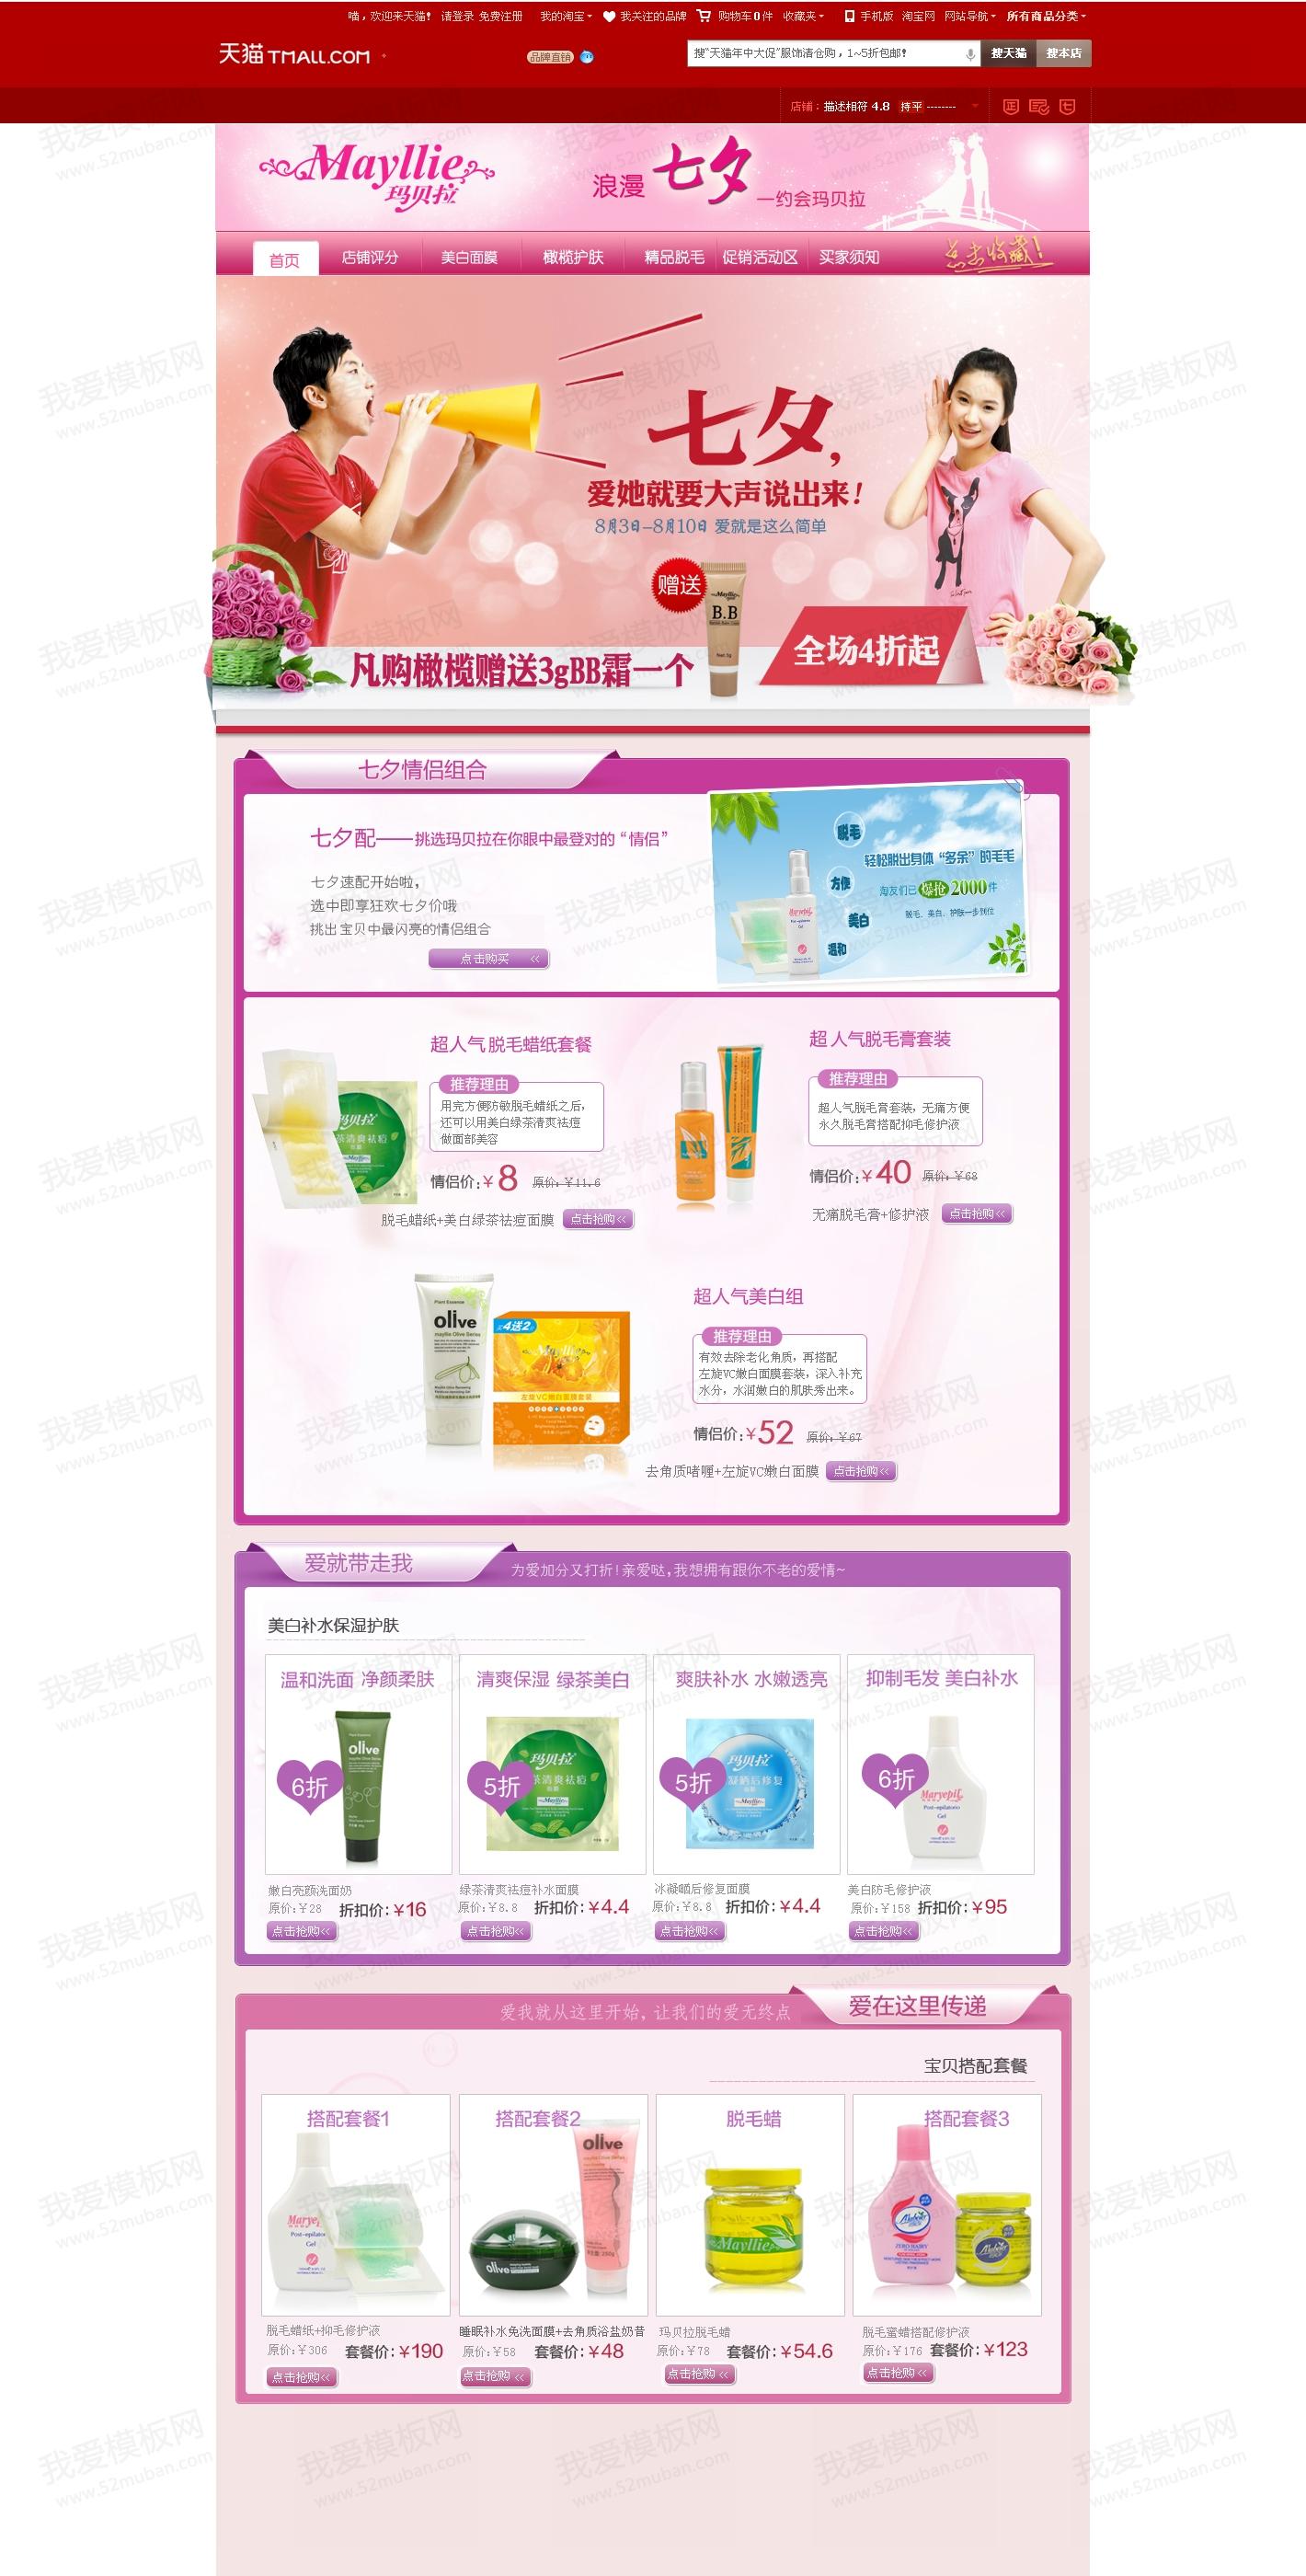 天猫商城七夕情人节专题页面模板psd素材下载